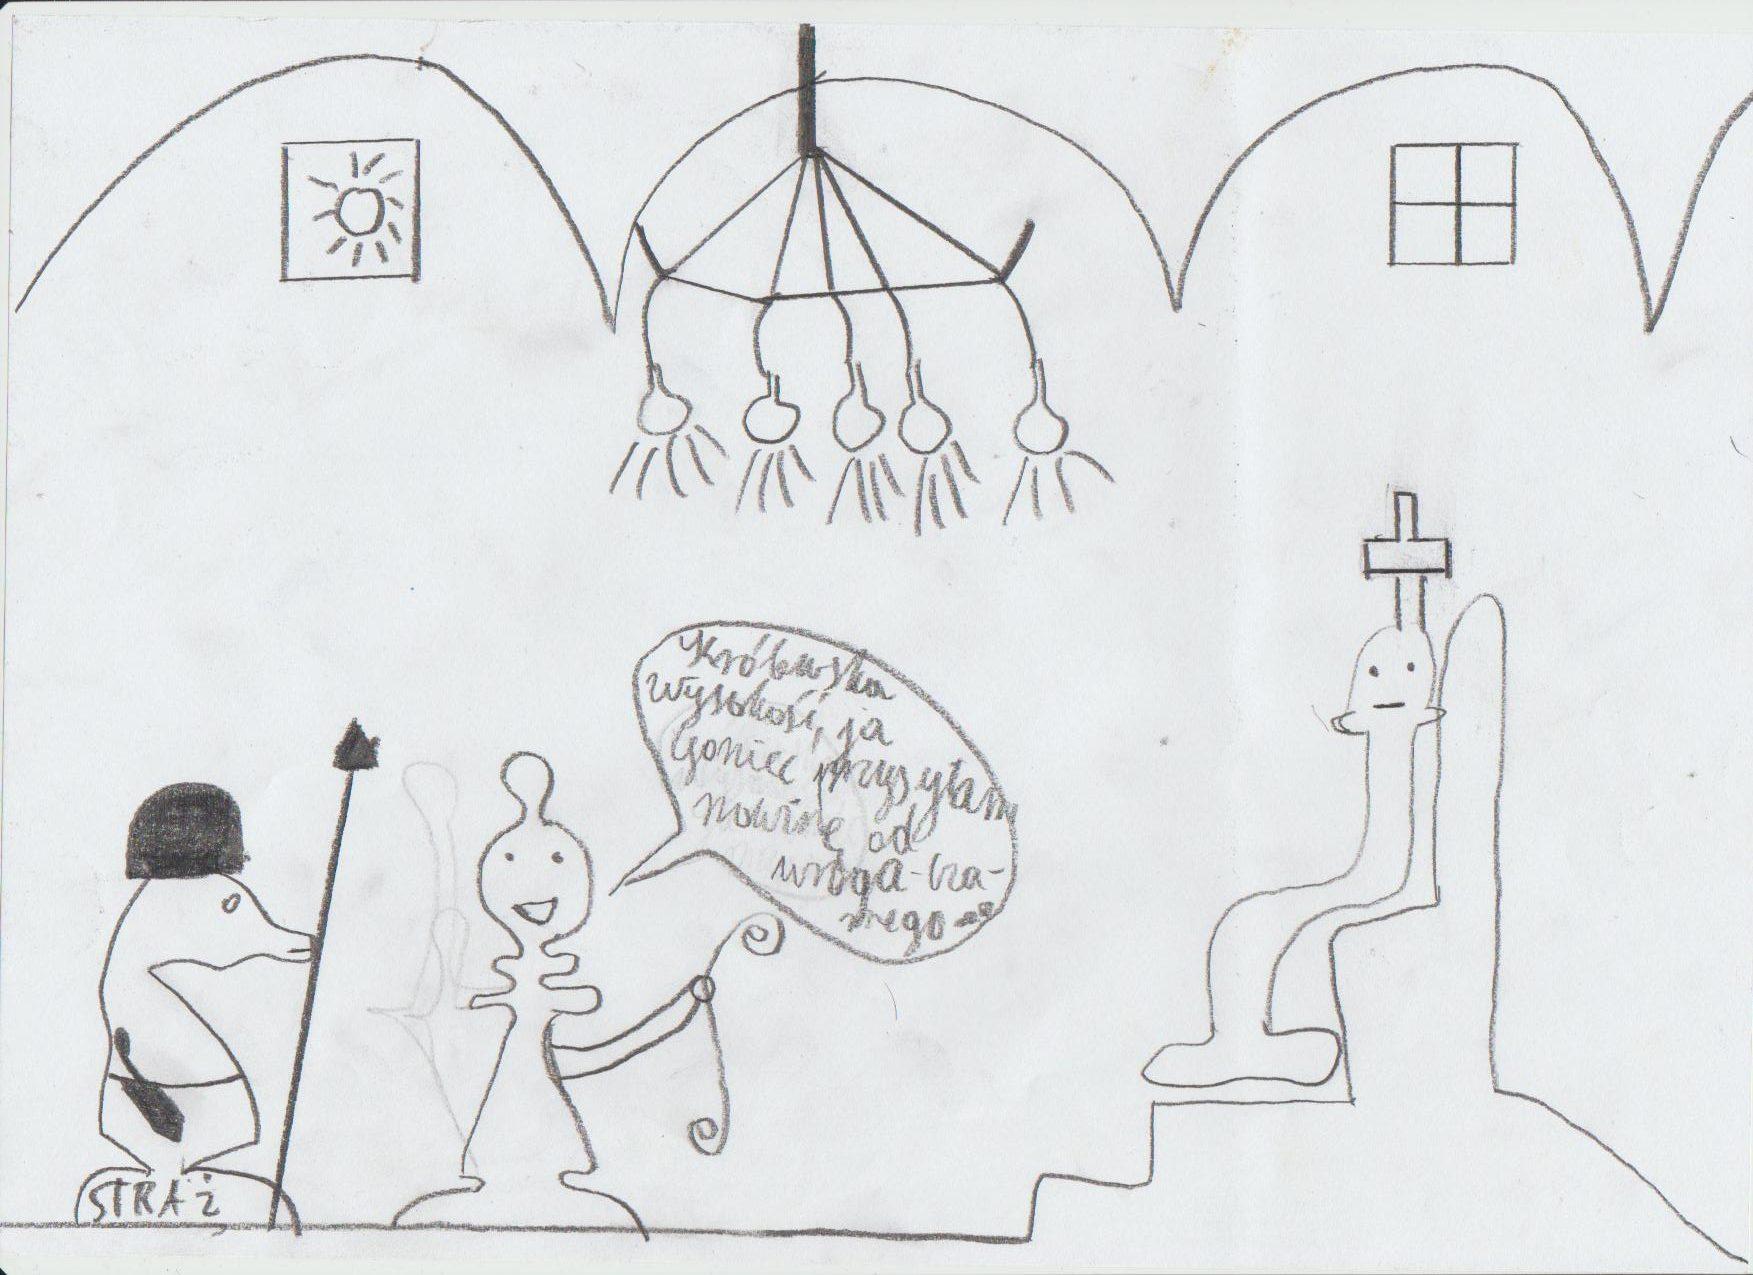 Goniec przed obliczem Króla. Rysunek - Damian Prędota.